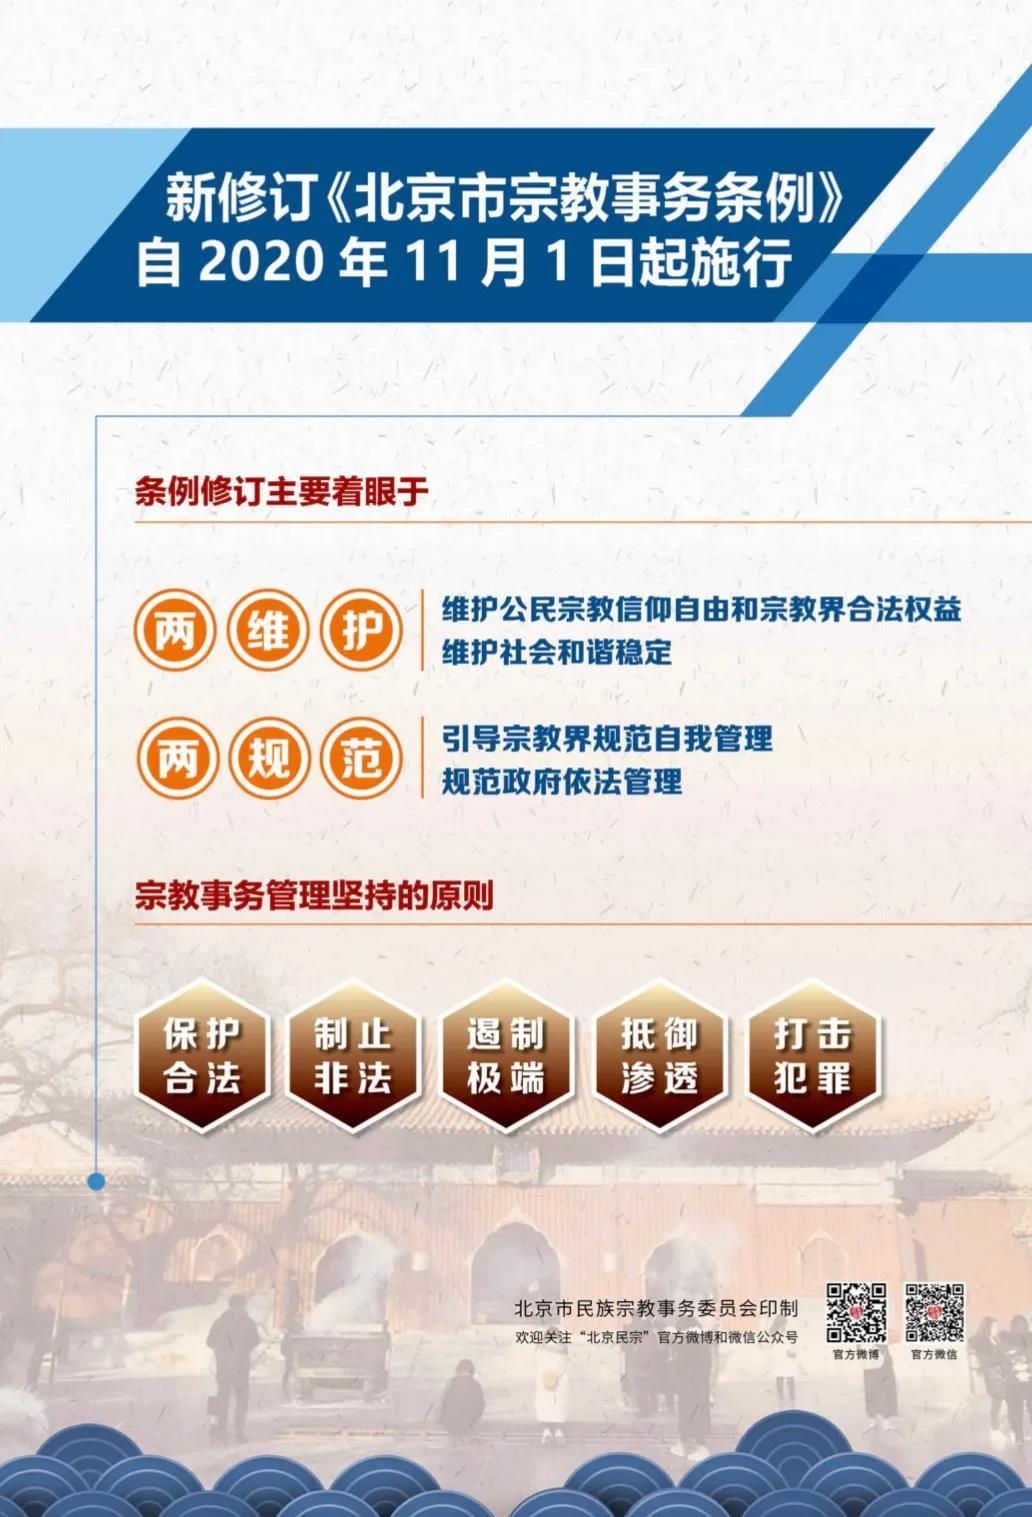 图说新修订《北京市宗教事务条例》